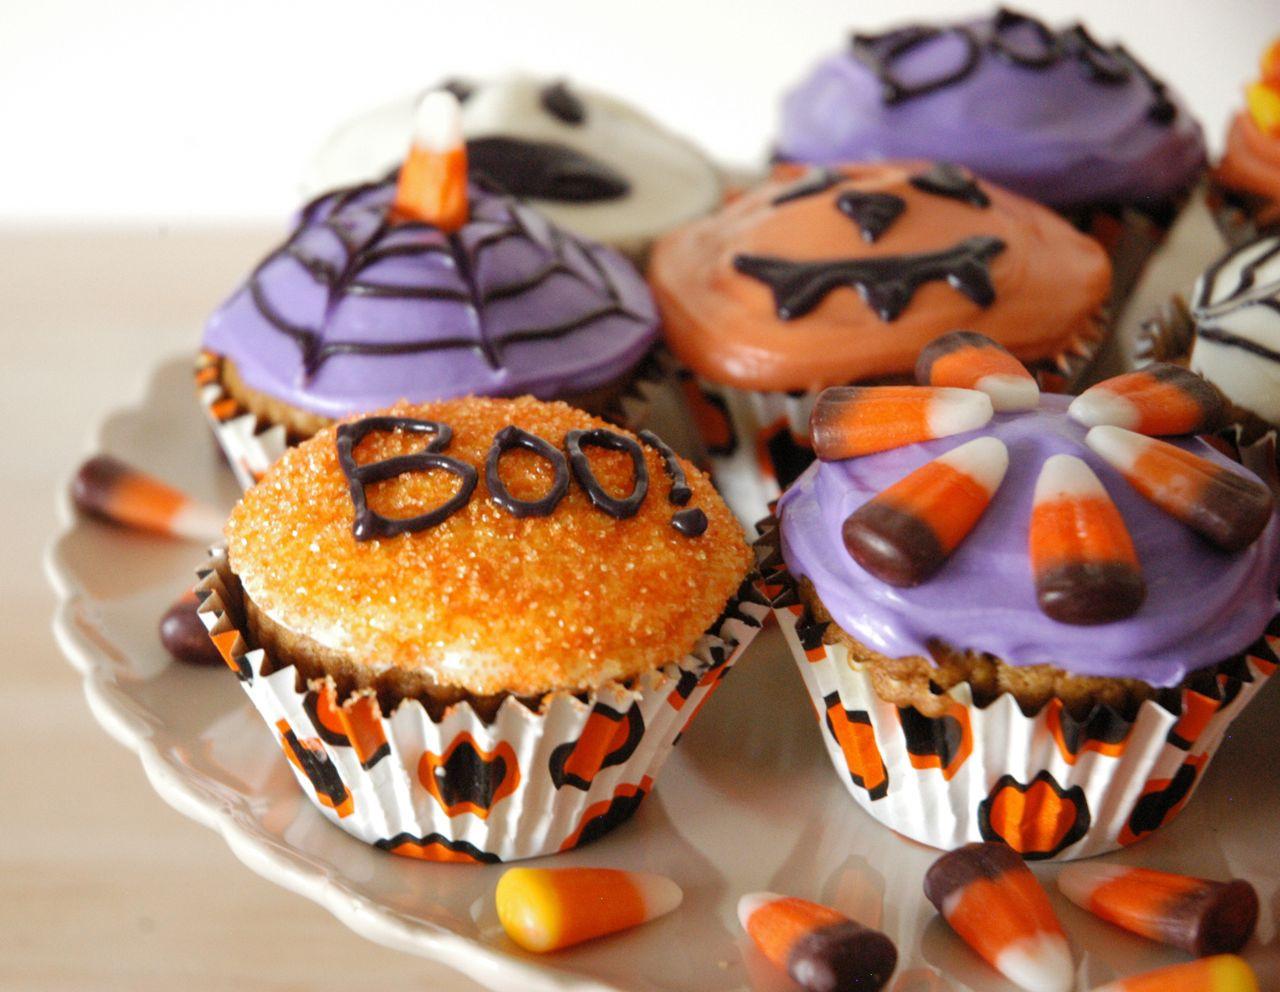 Halloween Pumpkin Cupcakes  Goddess of Baking Spiced Pumpkin Cupcakes for Halloween